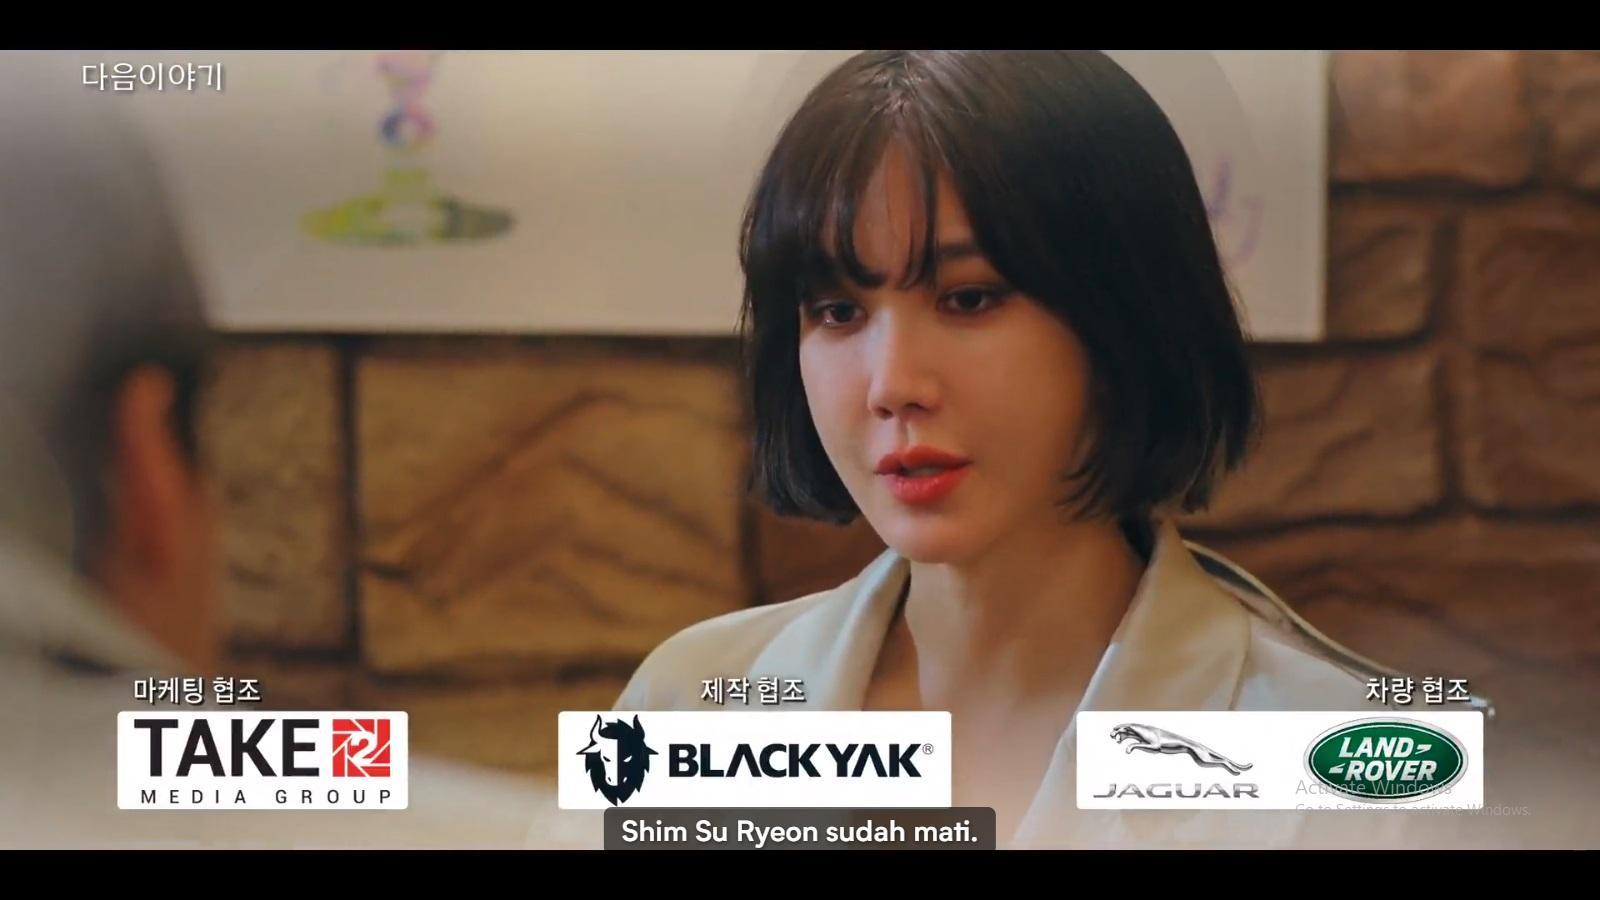 Na Ae Gyeo menegaskan bahwa Shim Su Ryeon telah mati.